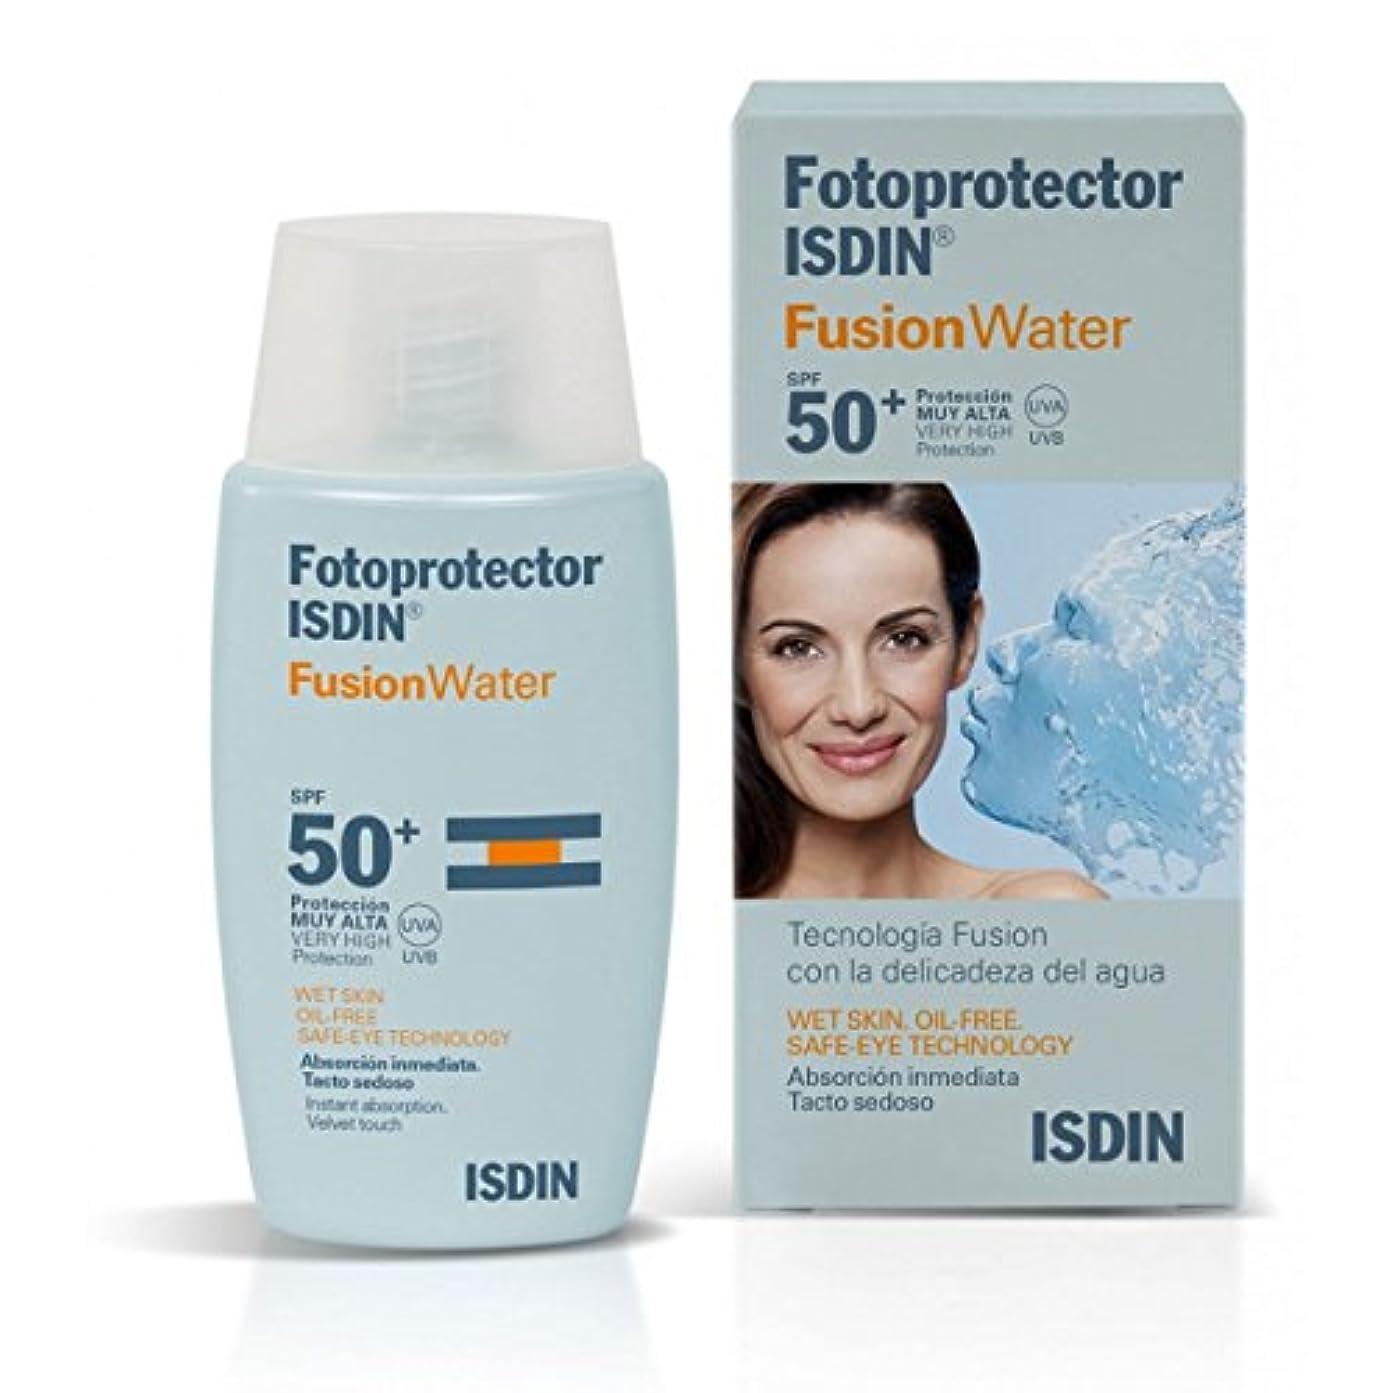 思想コットン耐えられないIsdin Sunscreen Fusion Water Spf50+ 50ml [並行輸入品]